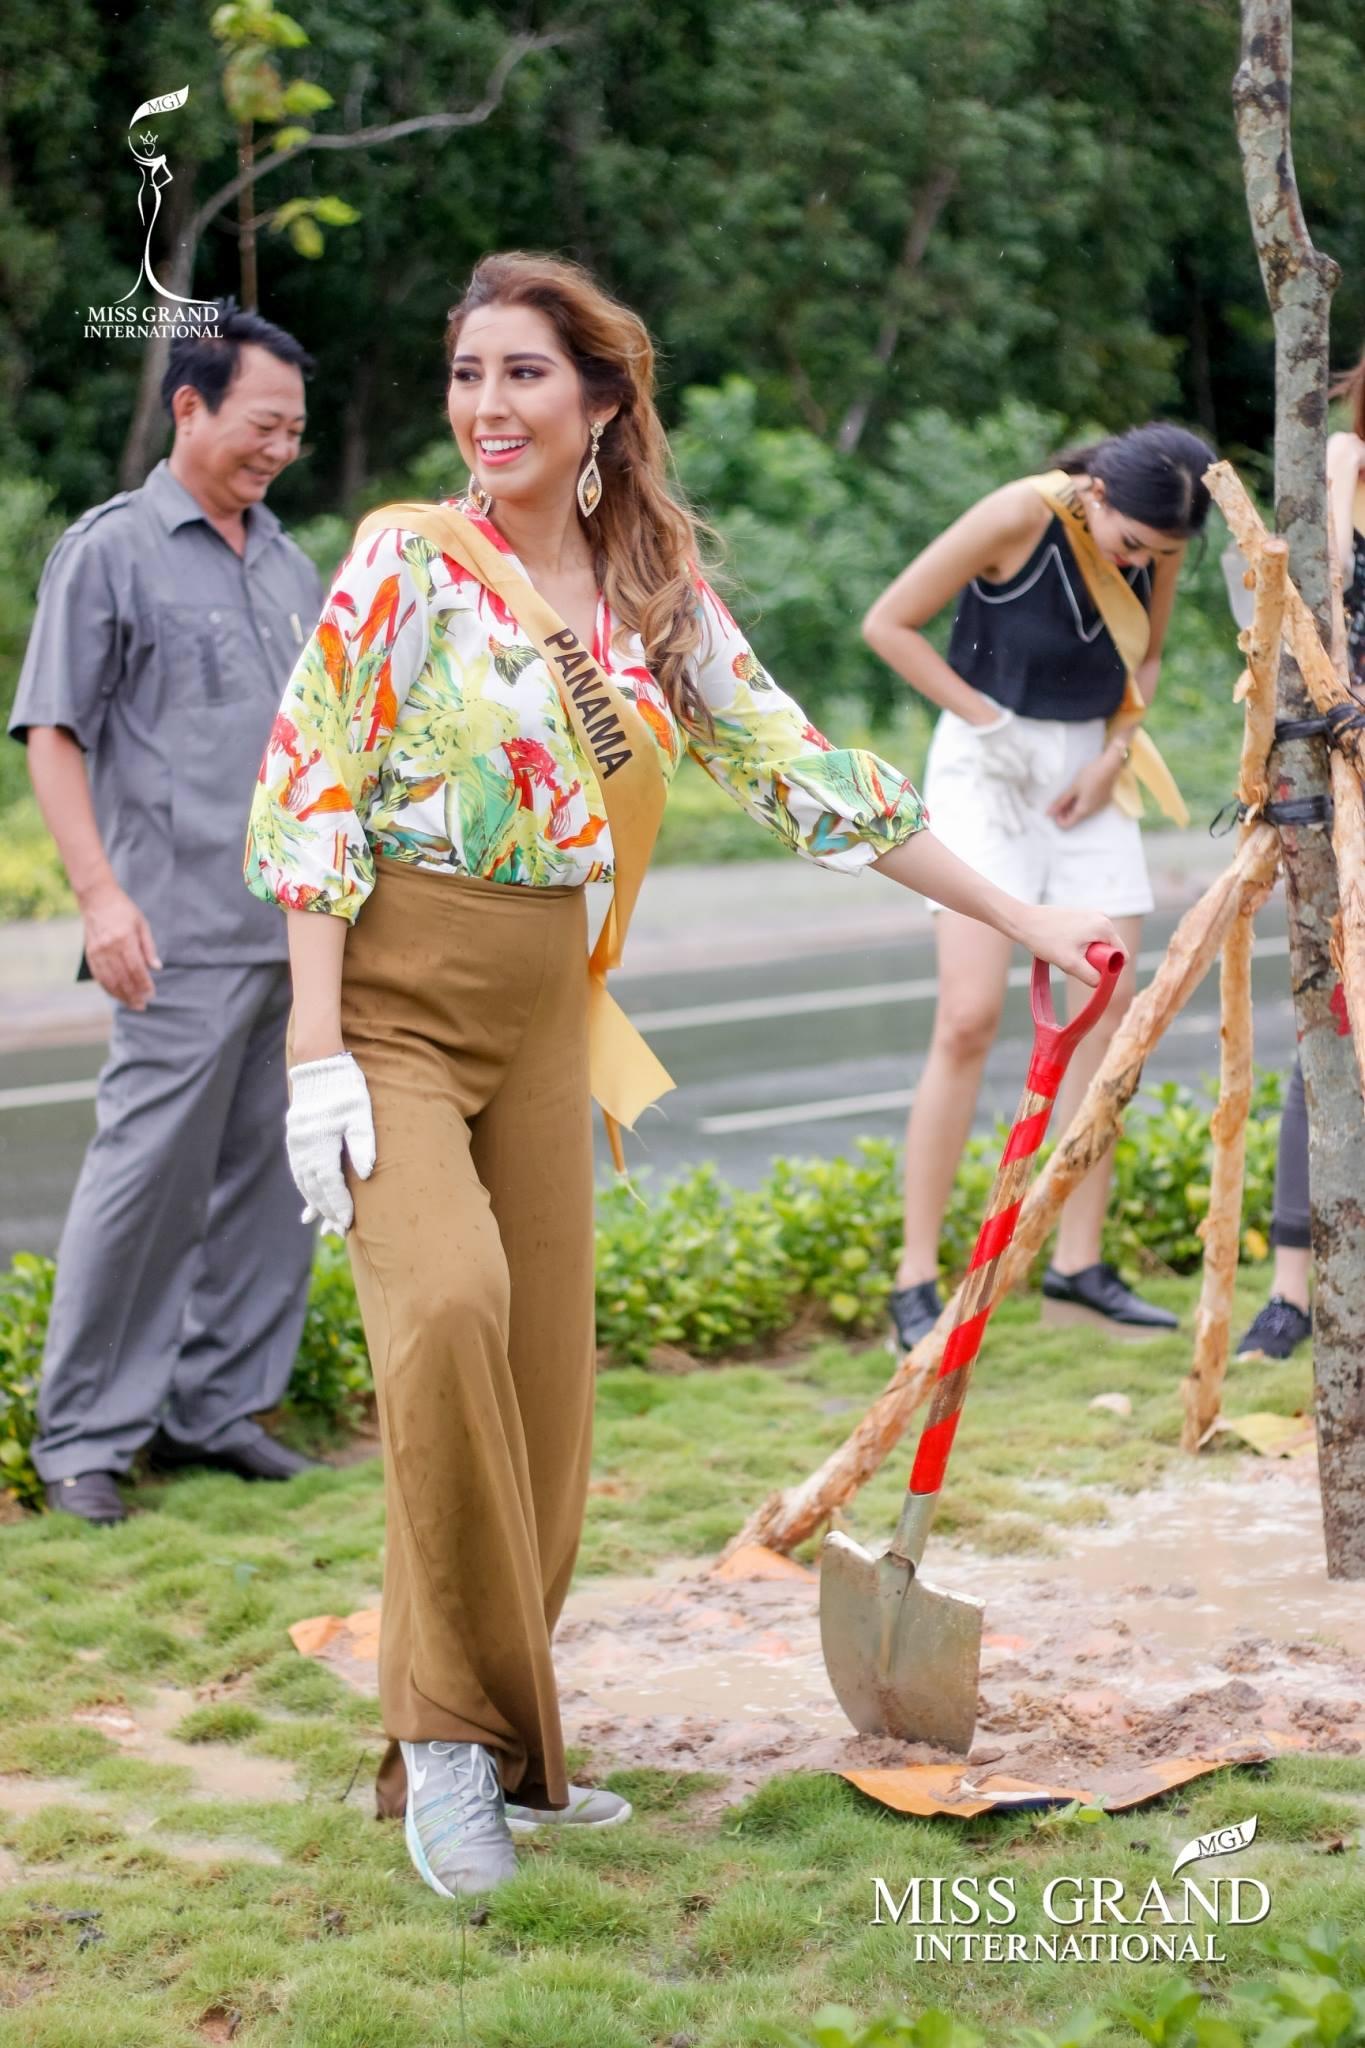 Thí sinh Miss Grand International 2017 duyên dáng trong tà áo bà ba vãn cảnh chùa - Ảnh 11.